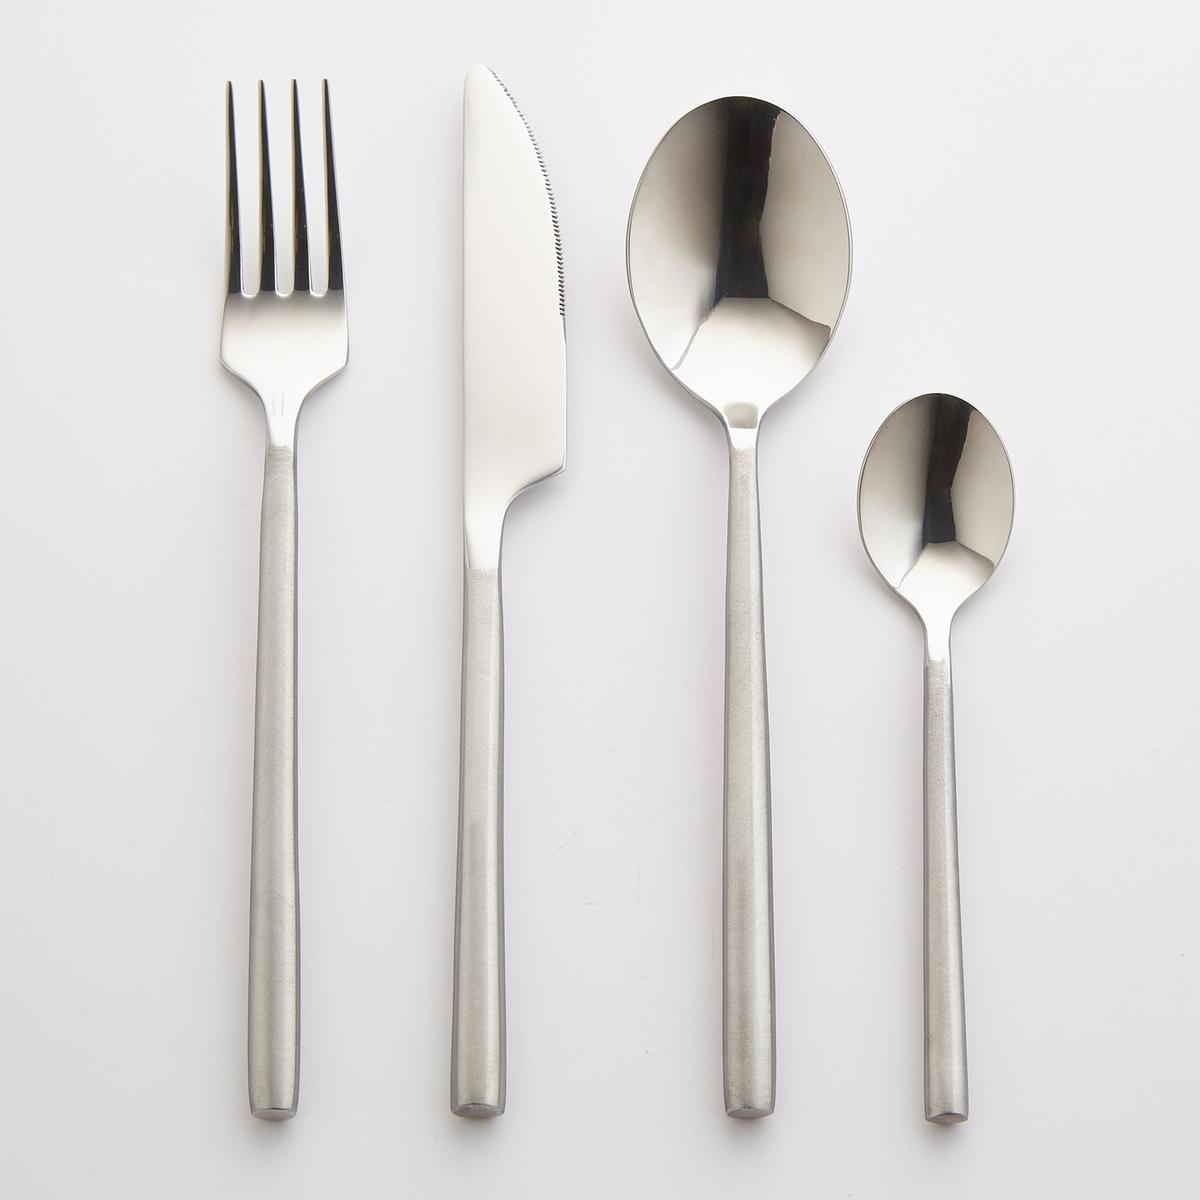 Комплект из 4 столовых ложек из нержавеющей стали Concetti<br><br>Цвет: стальной<br>Размер: единый размер